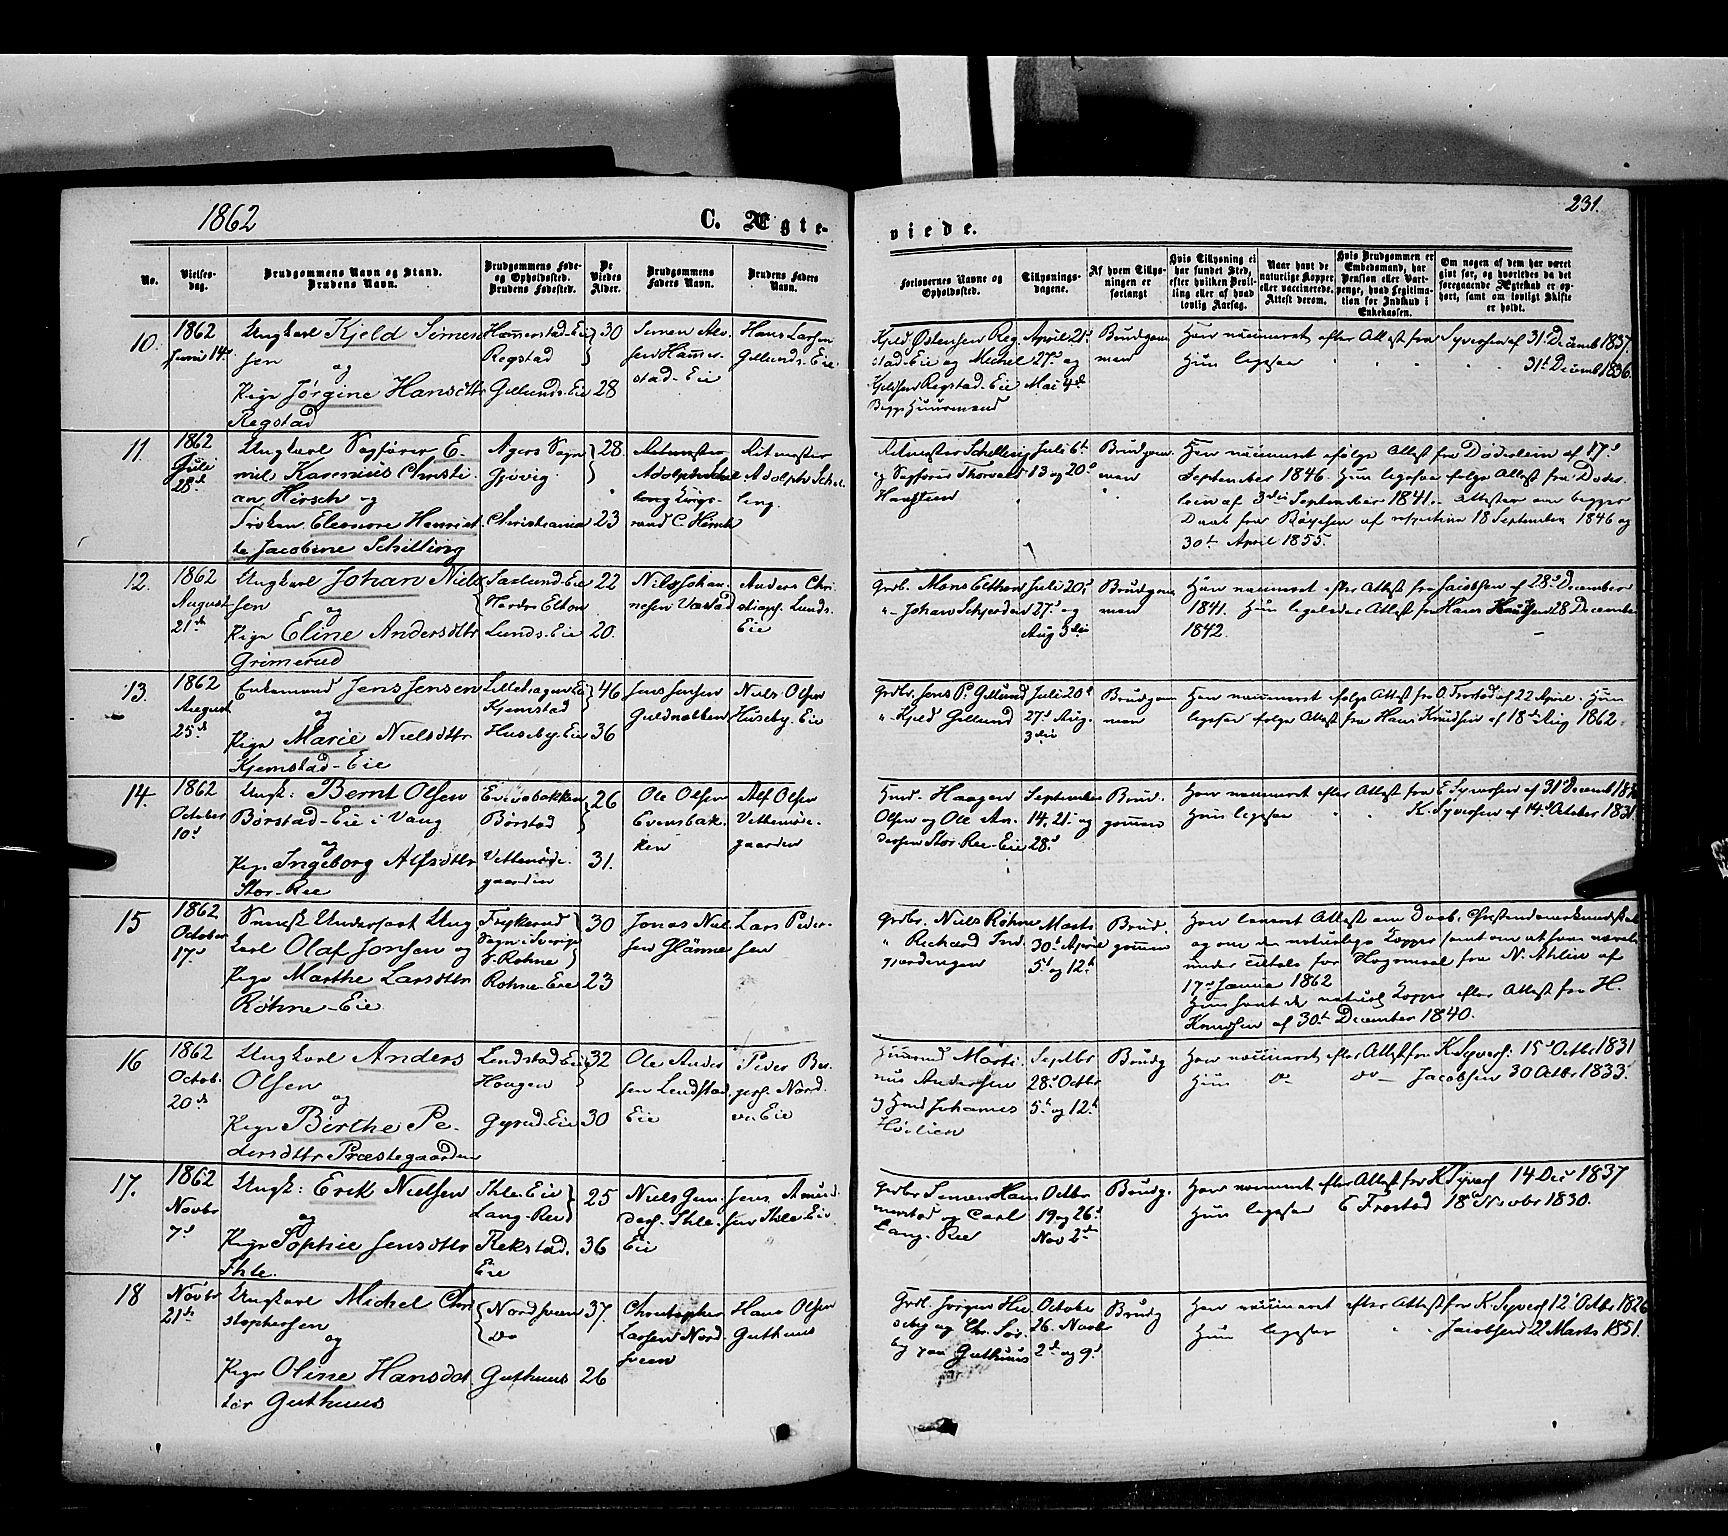 SAH, Stange prestekontor, K/L0013: Parish register (official) no. 13, 1862-1879, p. 231